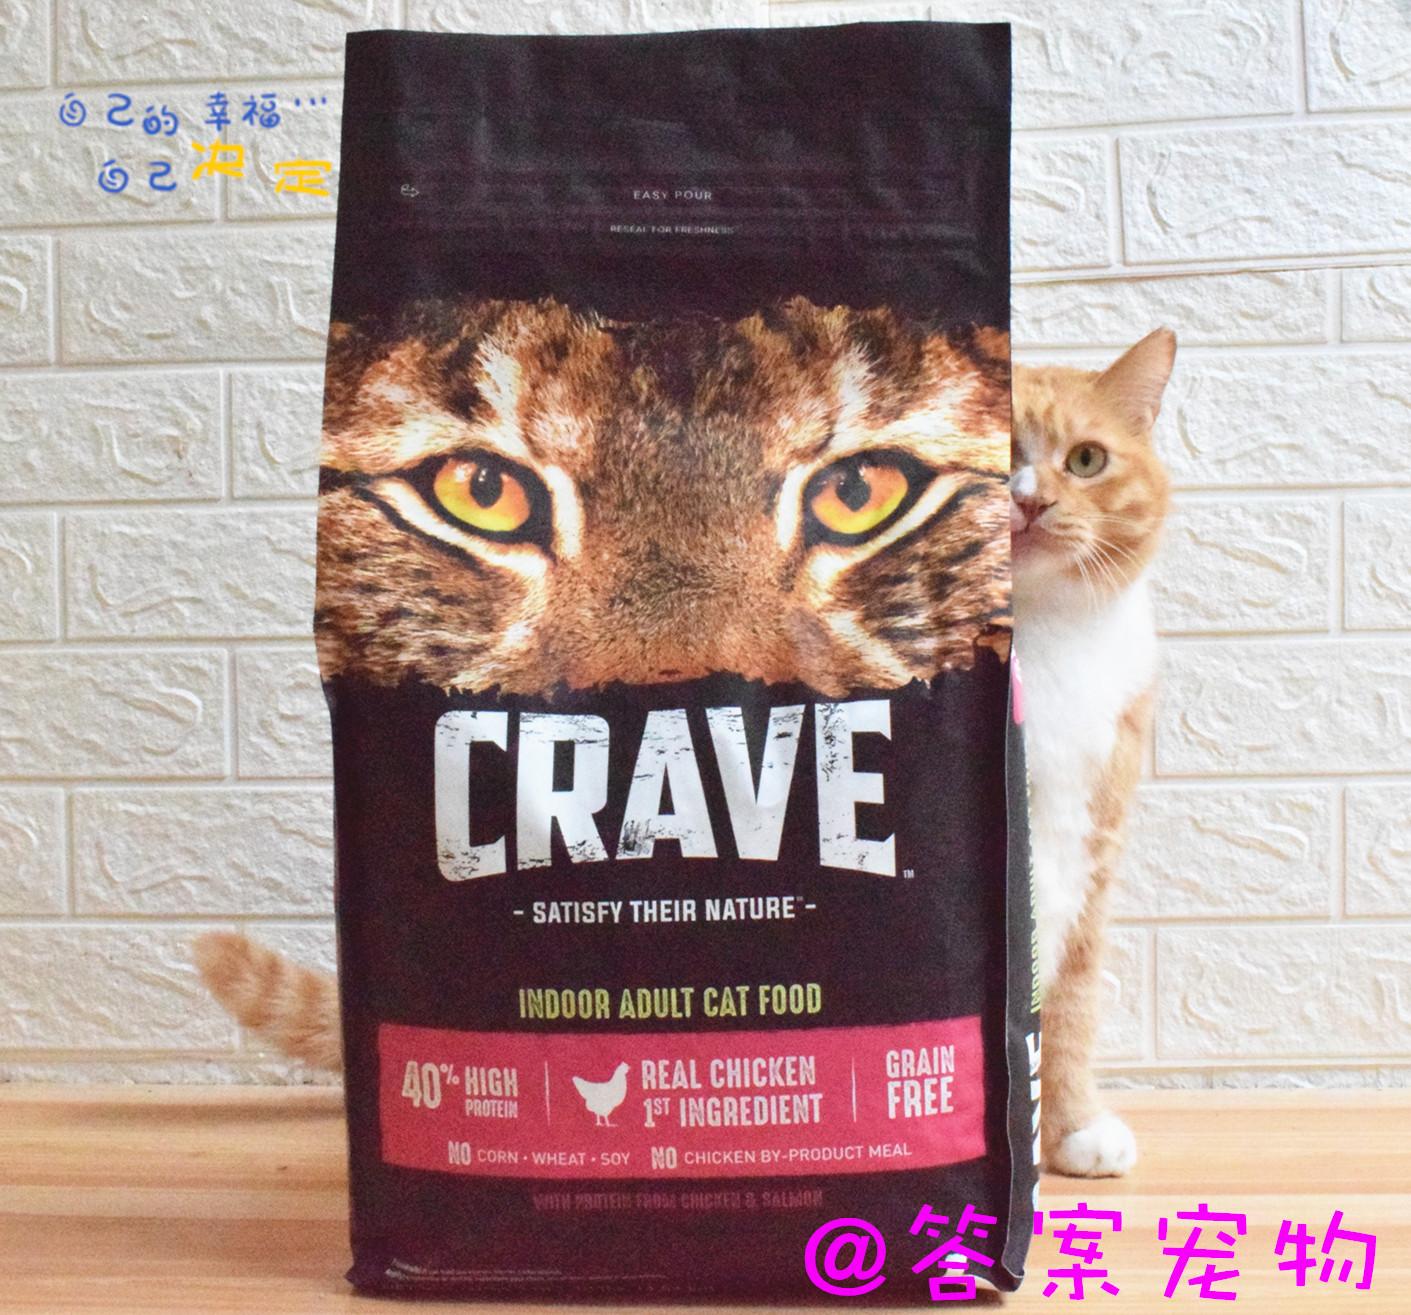 美国进口crave热望猫粮 evo同厂生产线猫粮 鸡肉三文鱼猫粮10磅